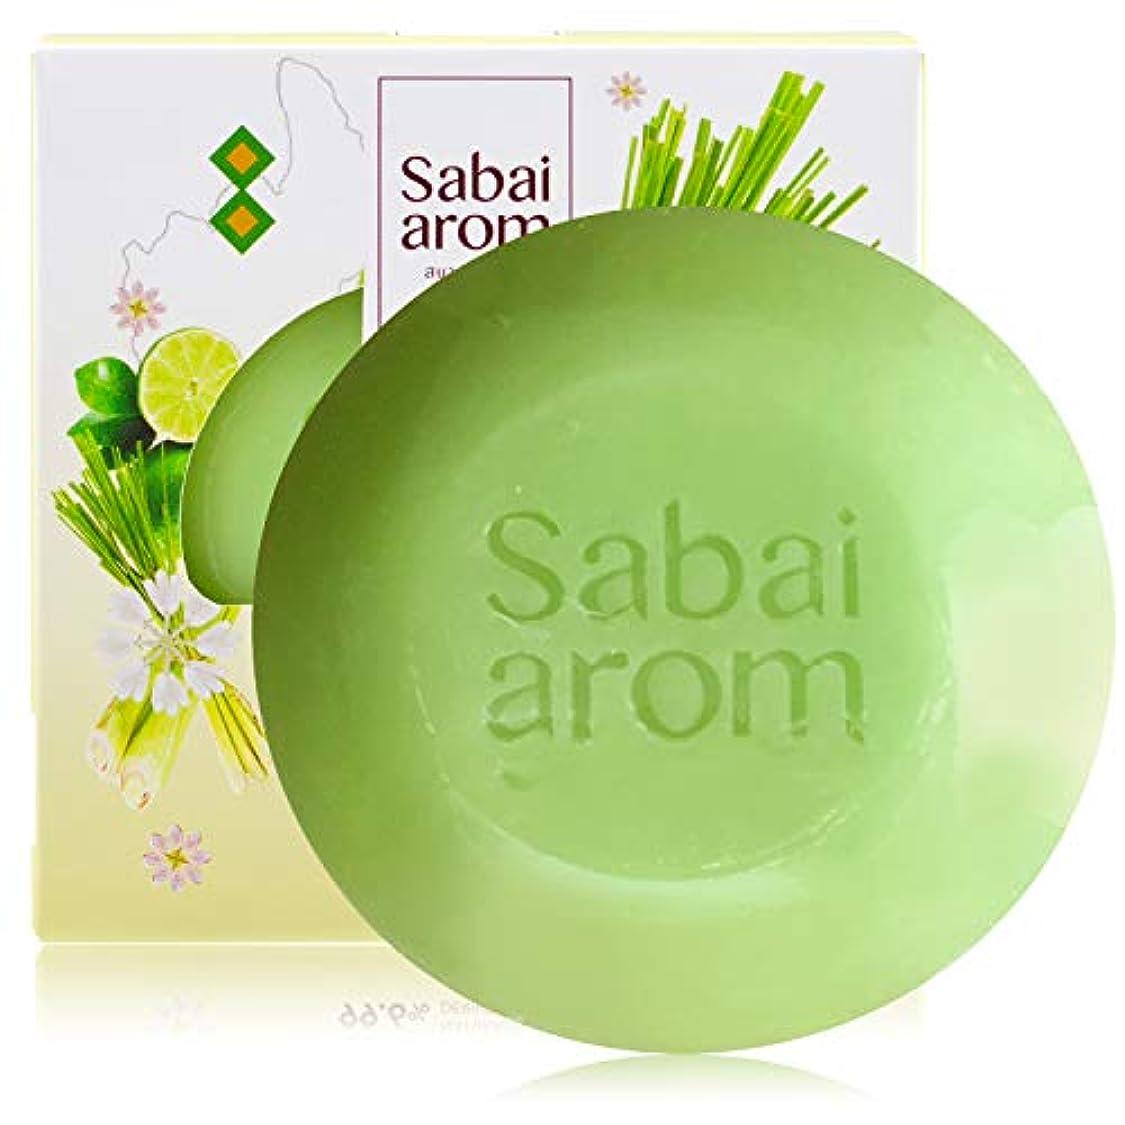 滑りやすい作る蒸気サバイアロム(Sabai-arom) レモングラス フェイス&ボディソープバー (石鹸) 100g【LMG】【001】